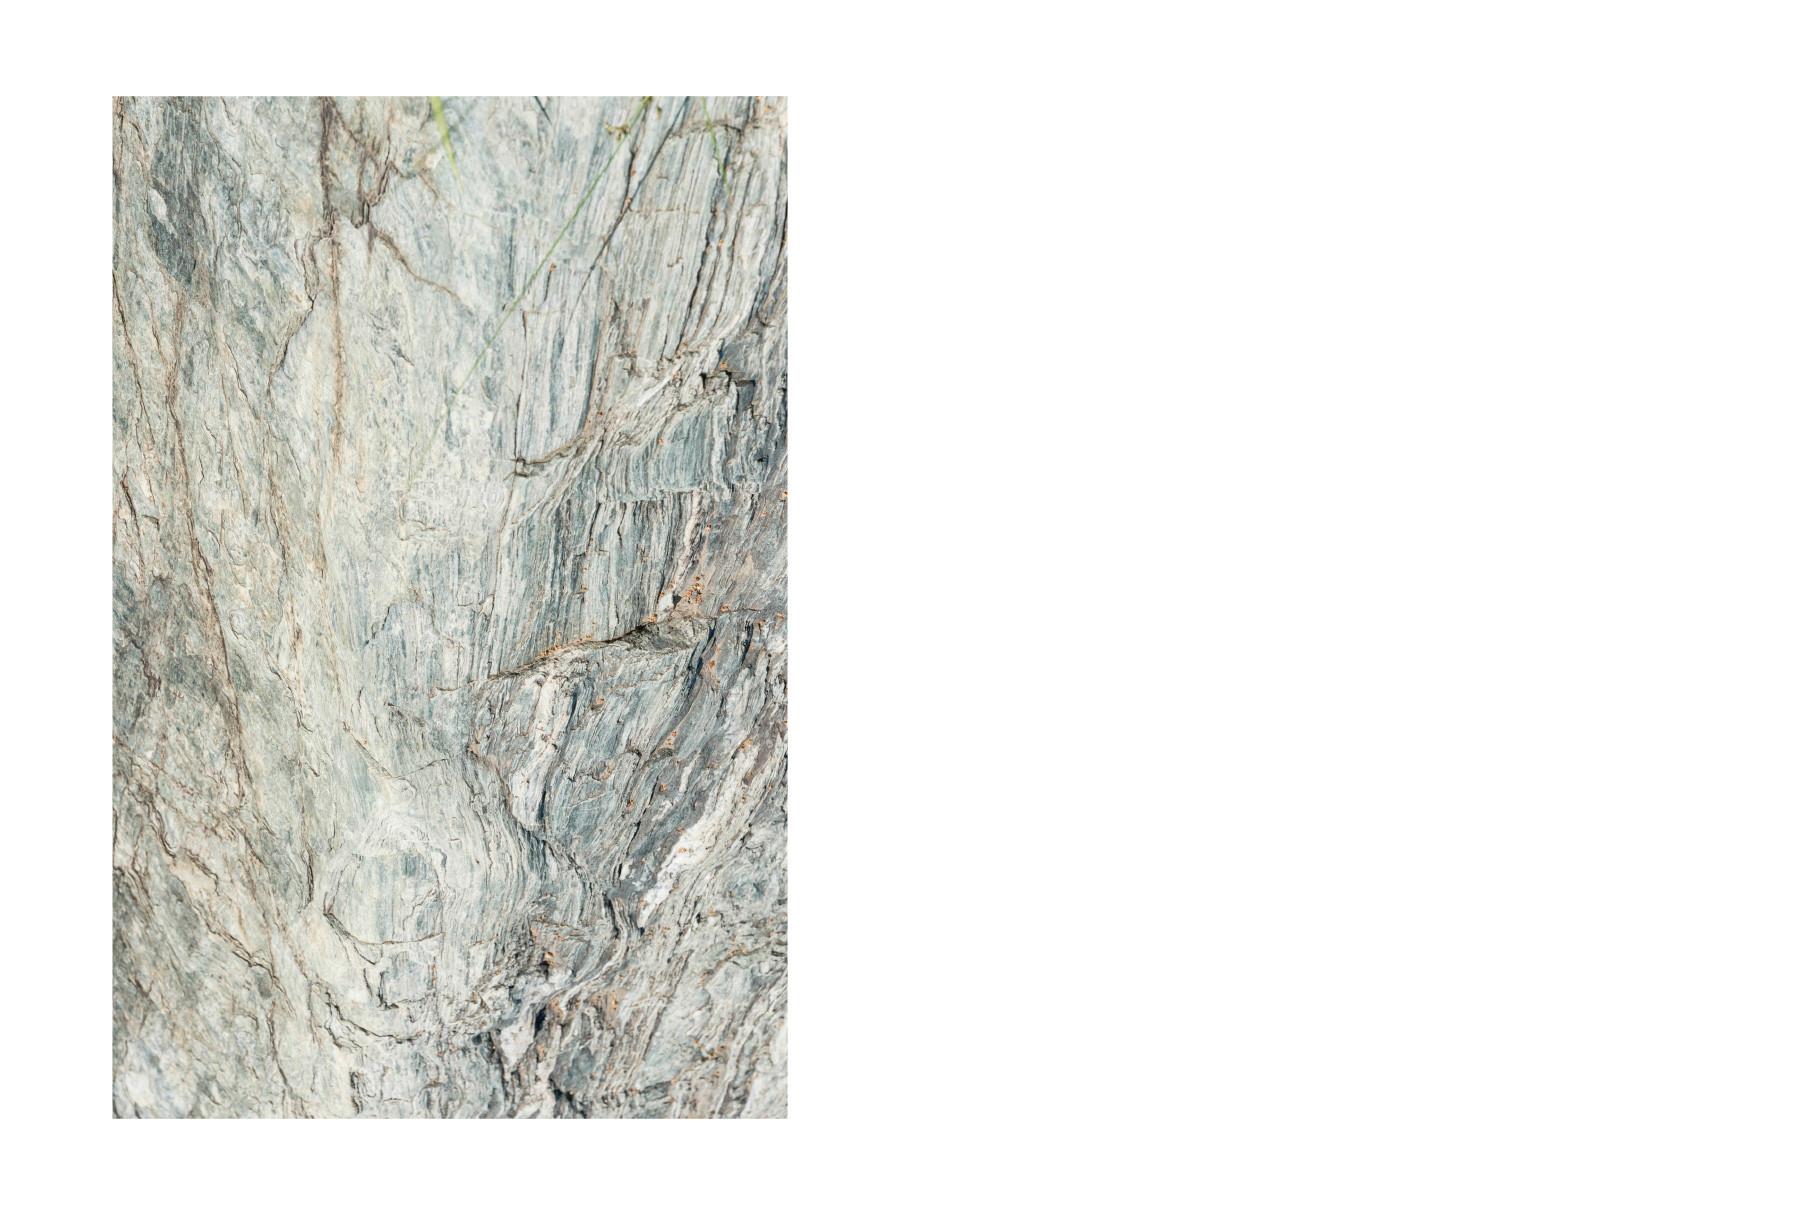 Stones01-10.jpg